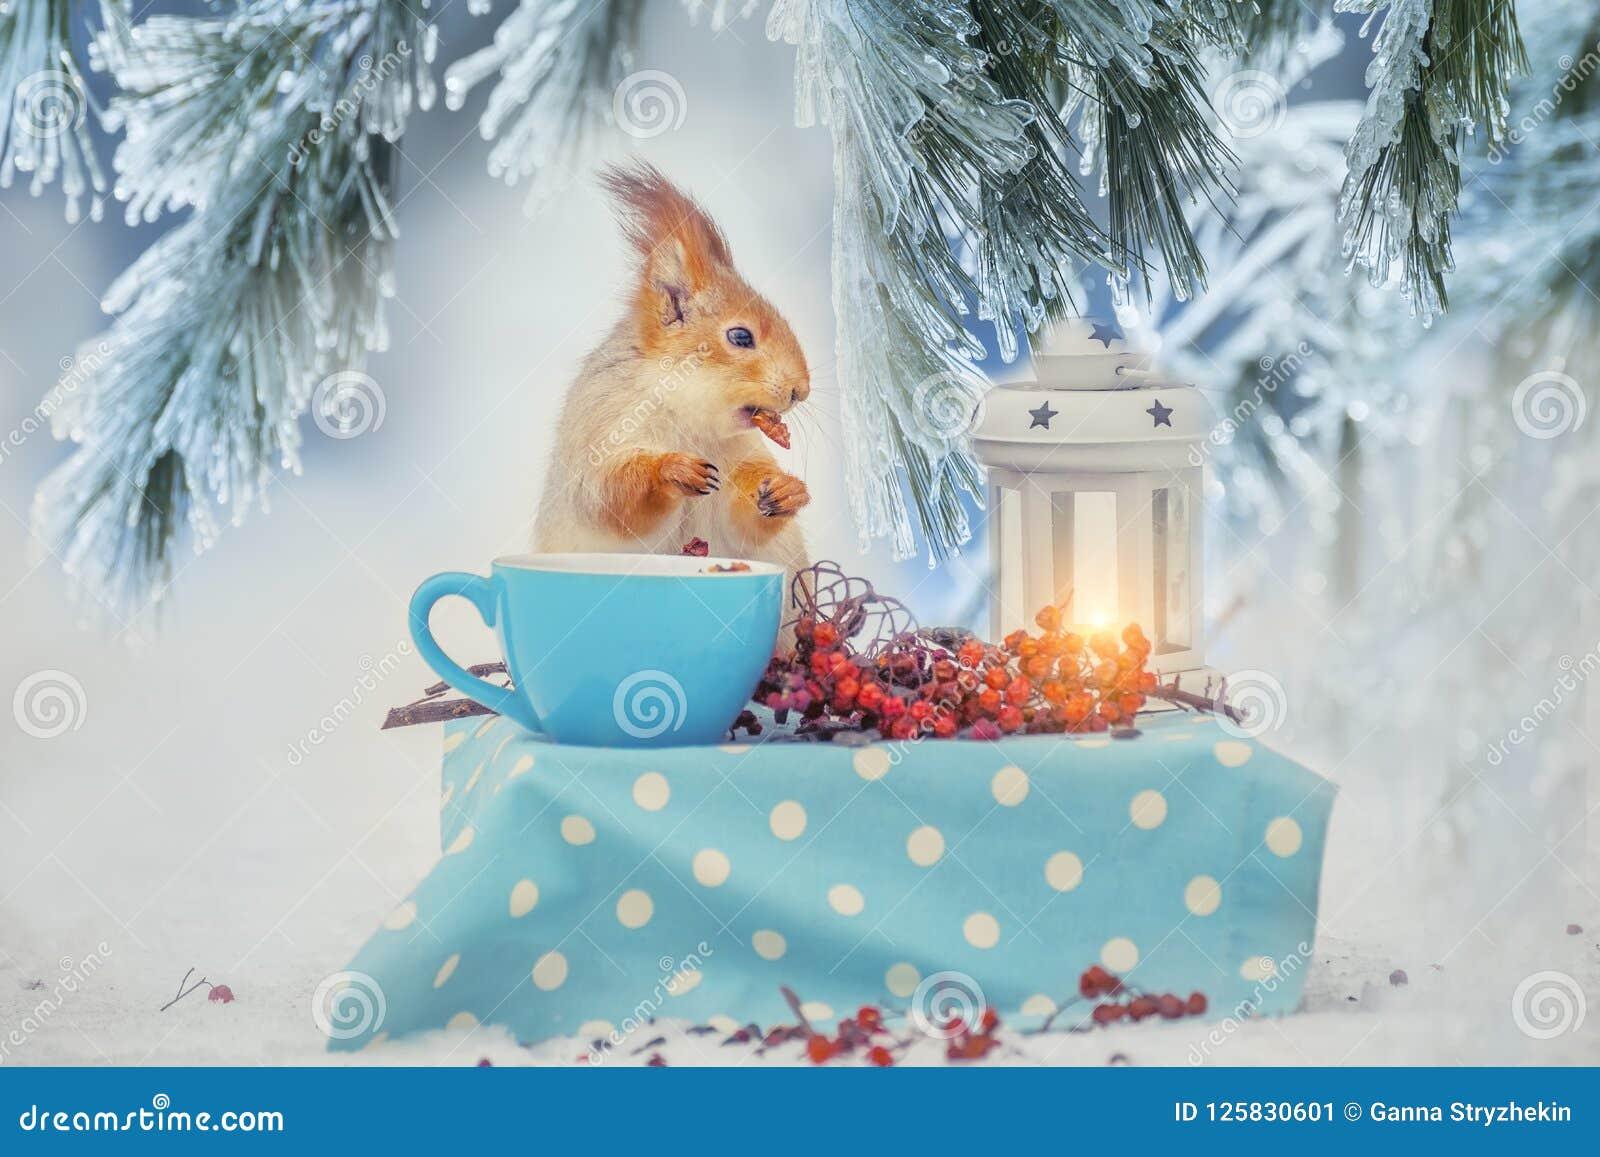 Ο σκίουρος στον πίνακα τρώει τα καρύδια από ένα φλυτζάνι σε ένα δασικό χειμερινό ξέφωτο Δασική χειμερινή εικόνα παραμυθιού